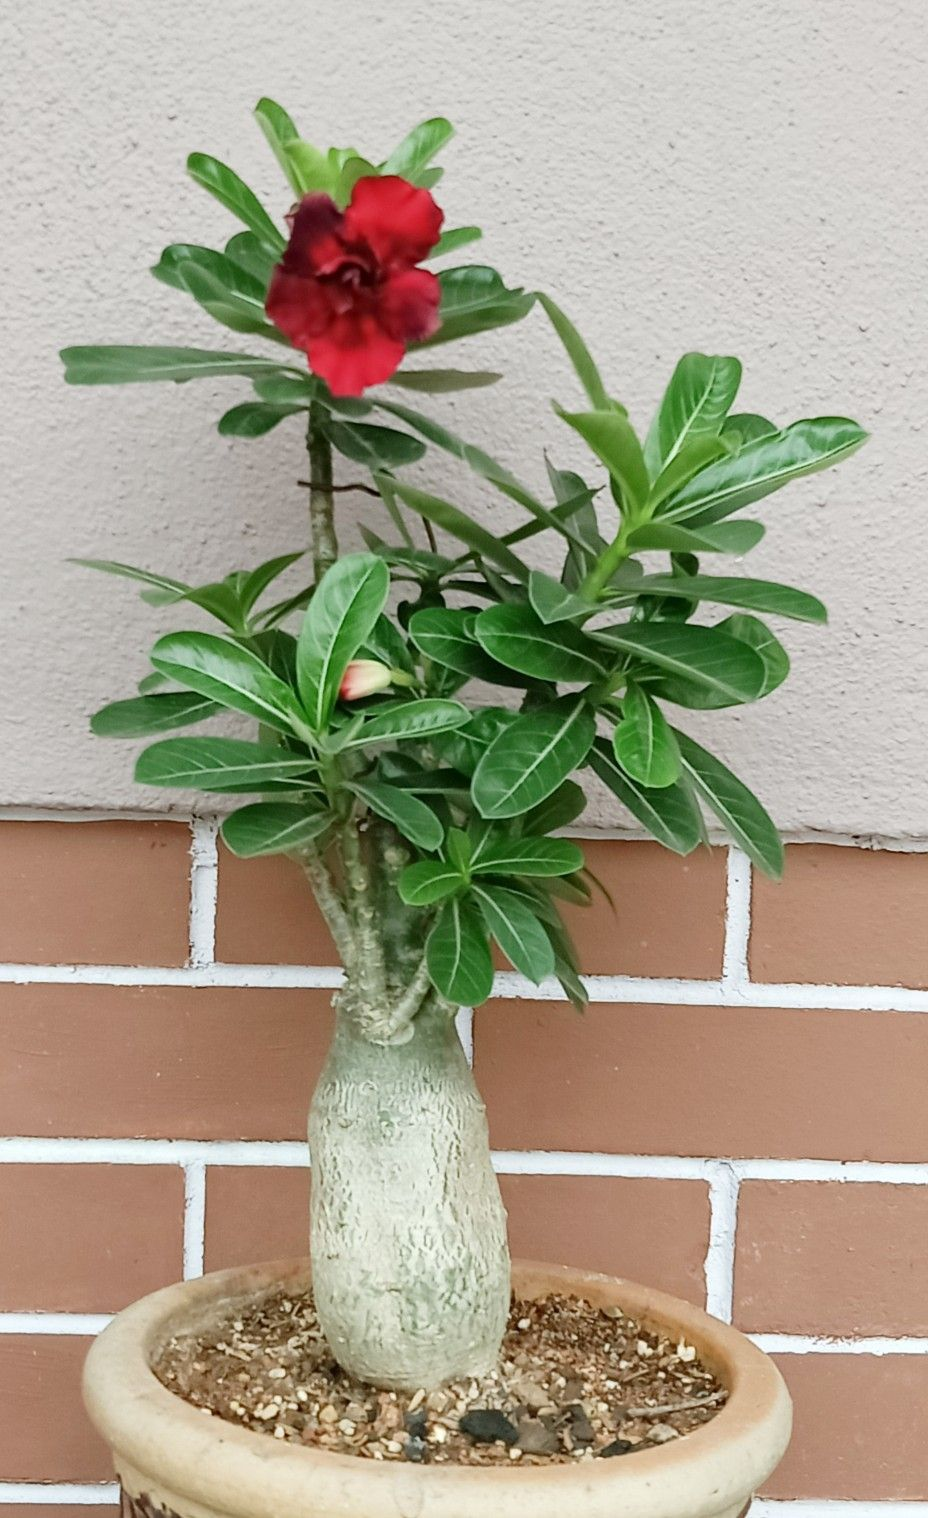 Pin by Ley Hong on 美 Desert rose, Plants, Rose